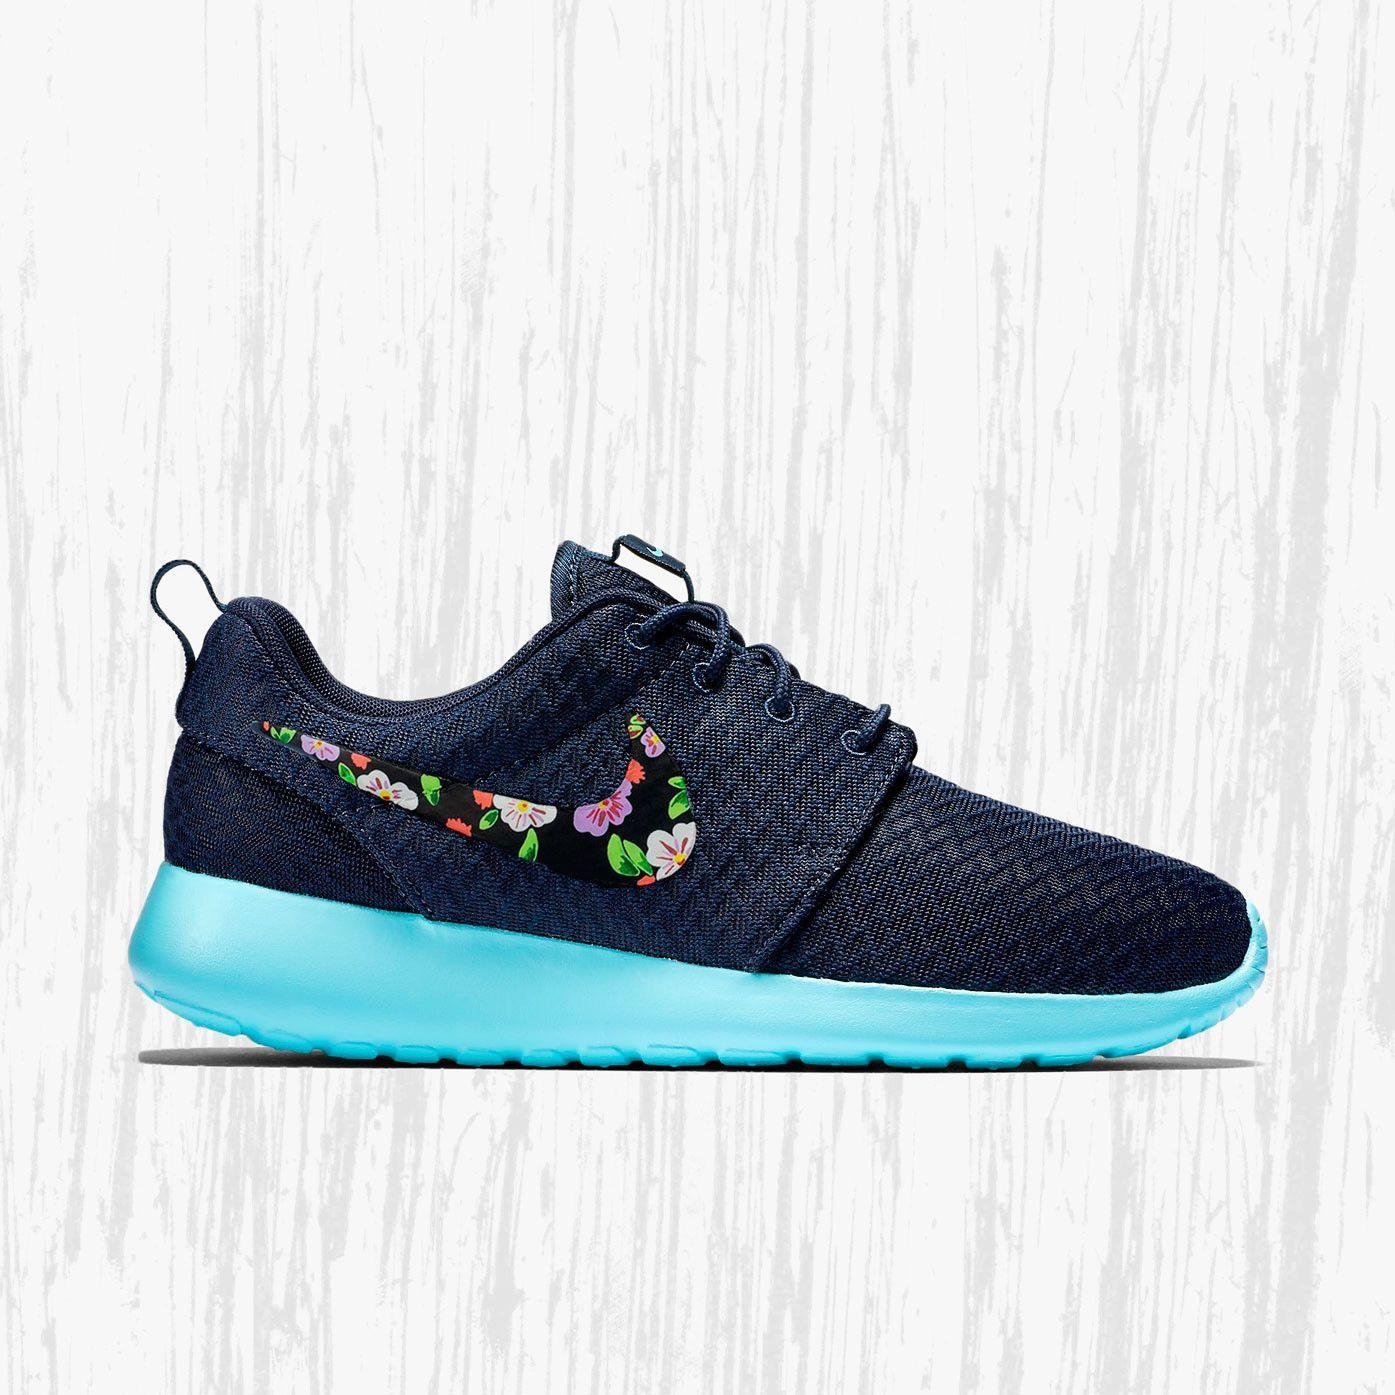 613651e383f8 Nike Roshe Custom Floral design